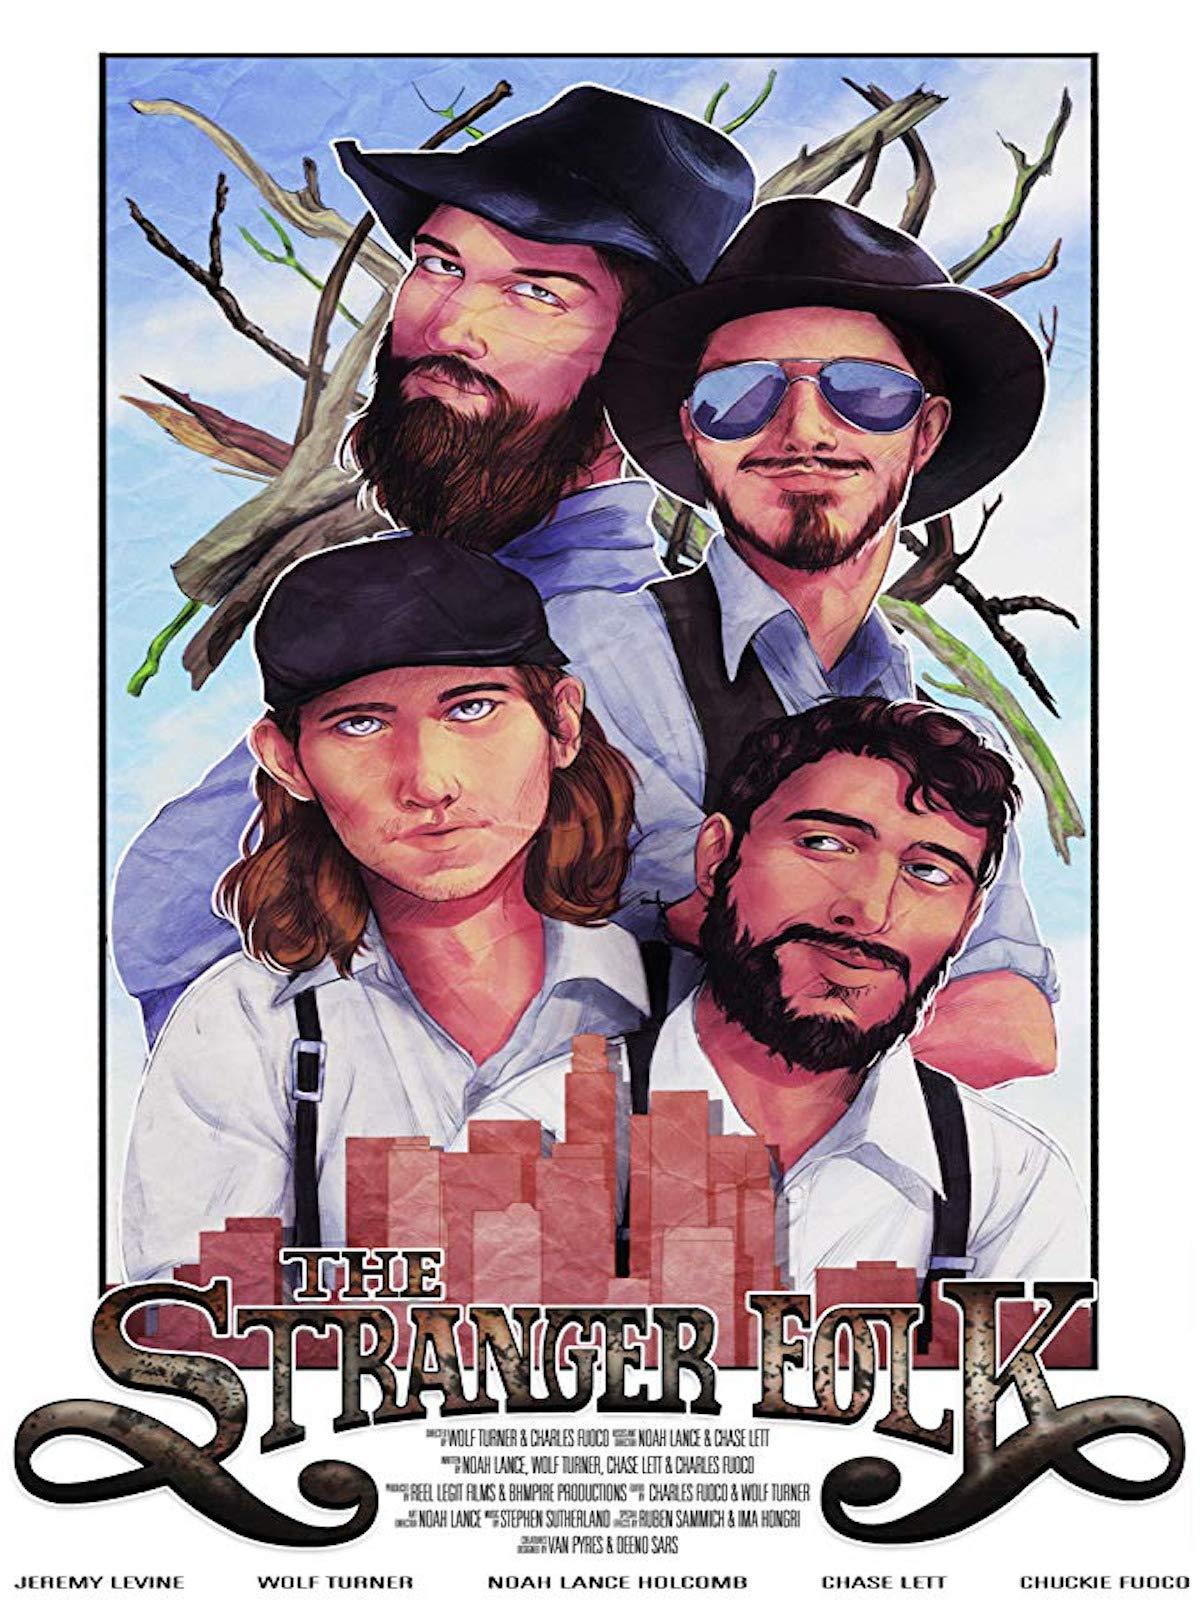 The Stranger Folk